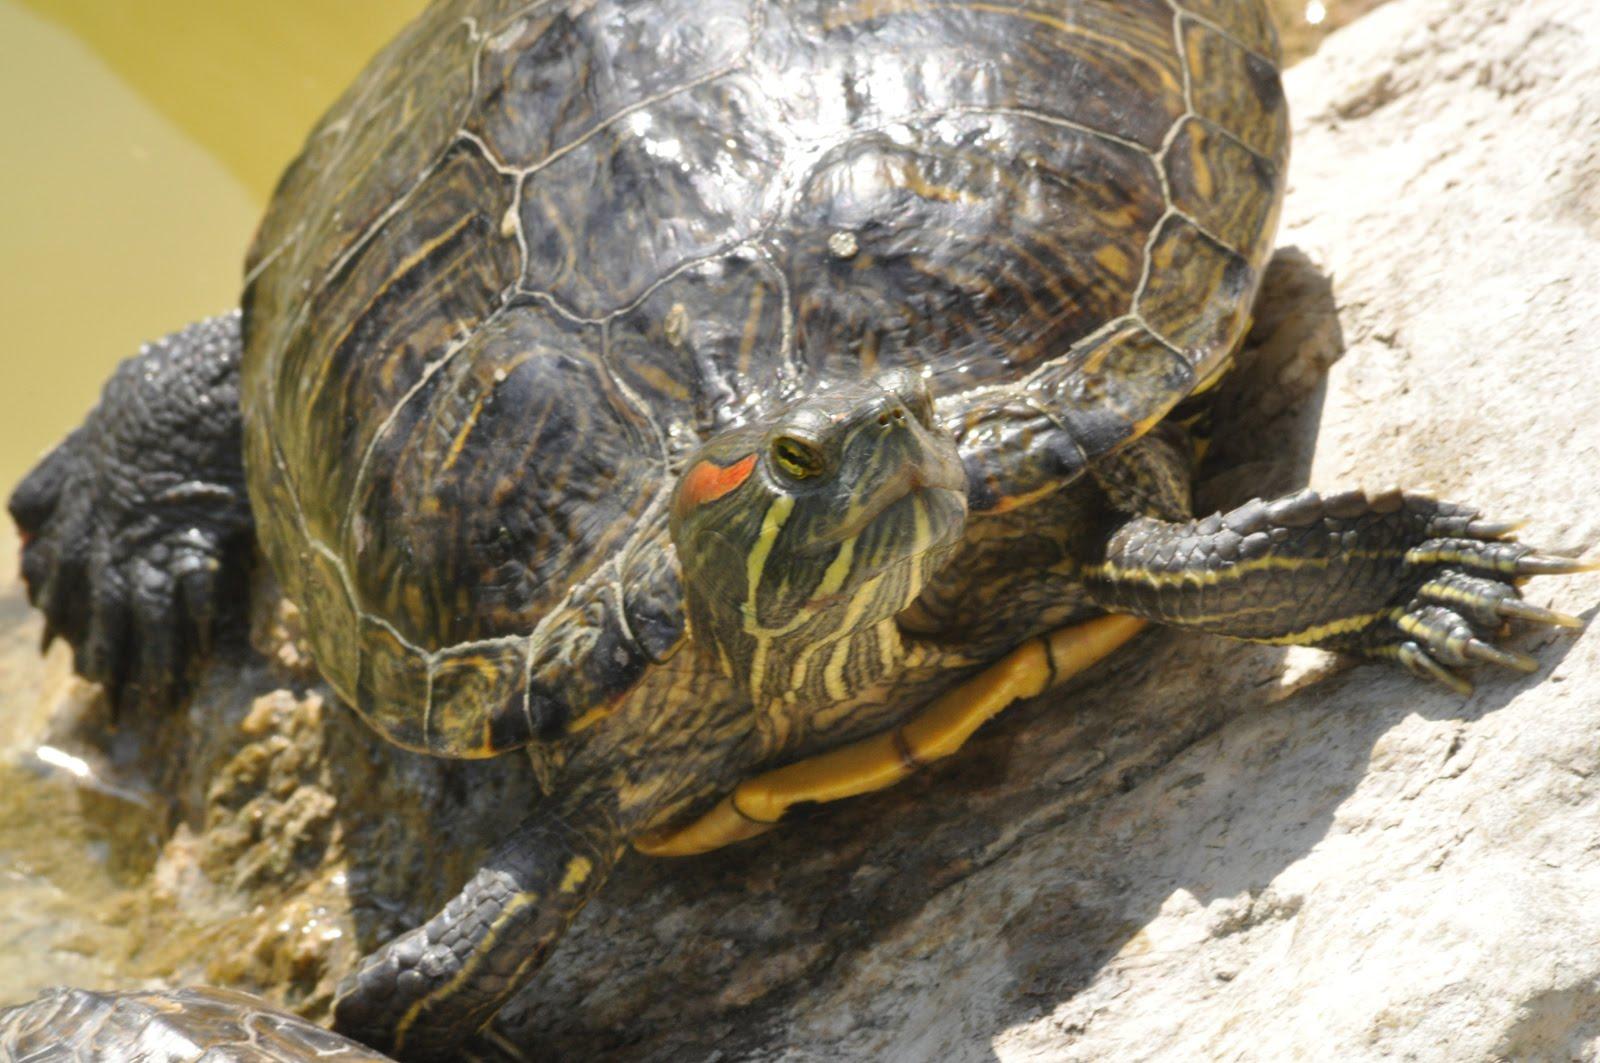 Dilettante allo sbaraglio le tartarughe dei giardini for I gatti mangiano le tartarughe